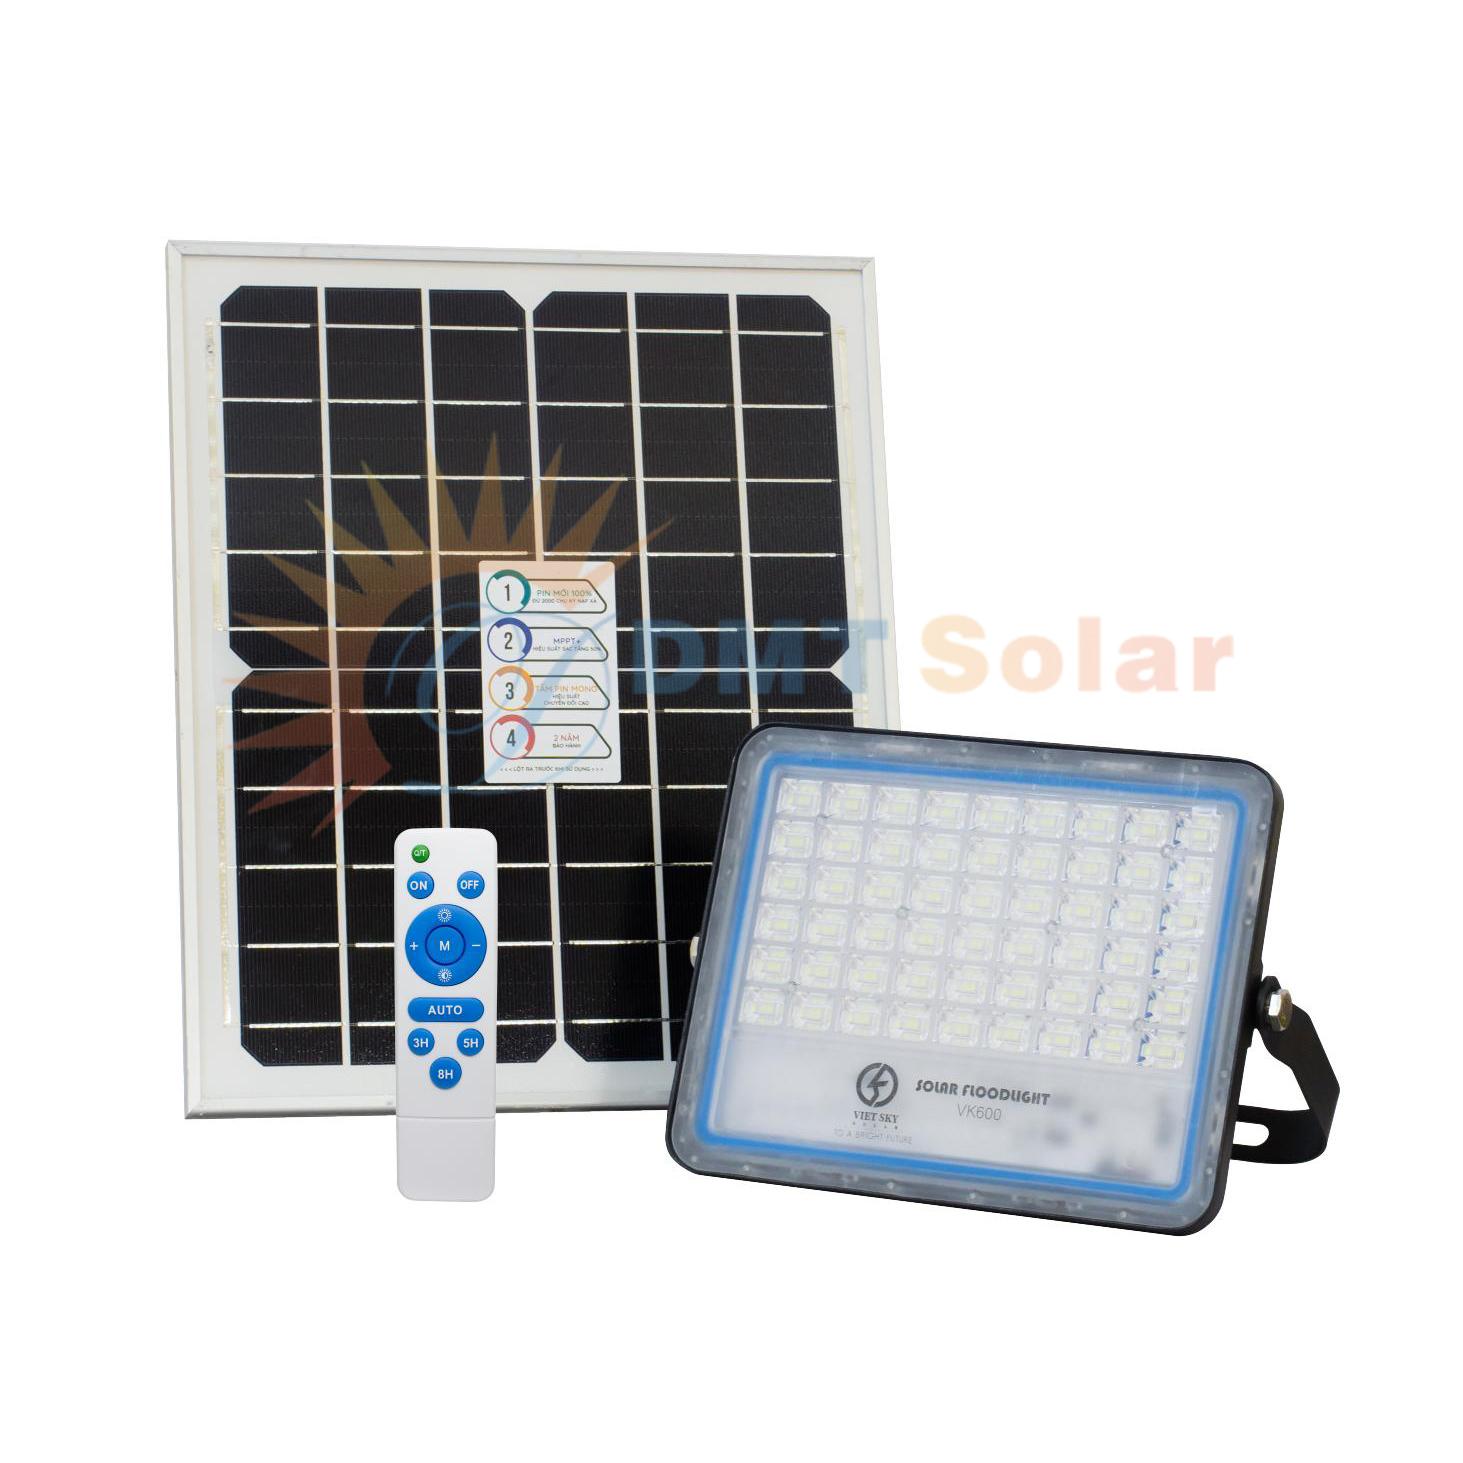 Đèn năng lượng mặt trời chống chói trong nhà 60W [VK600B]